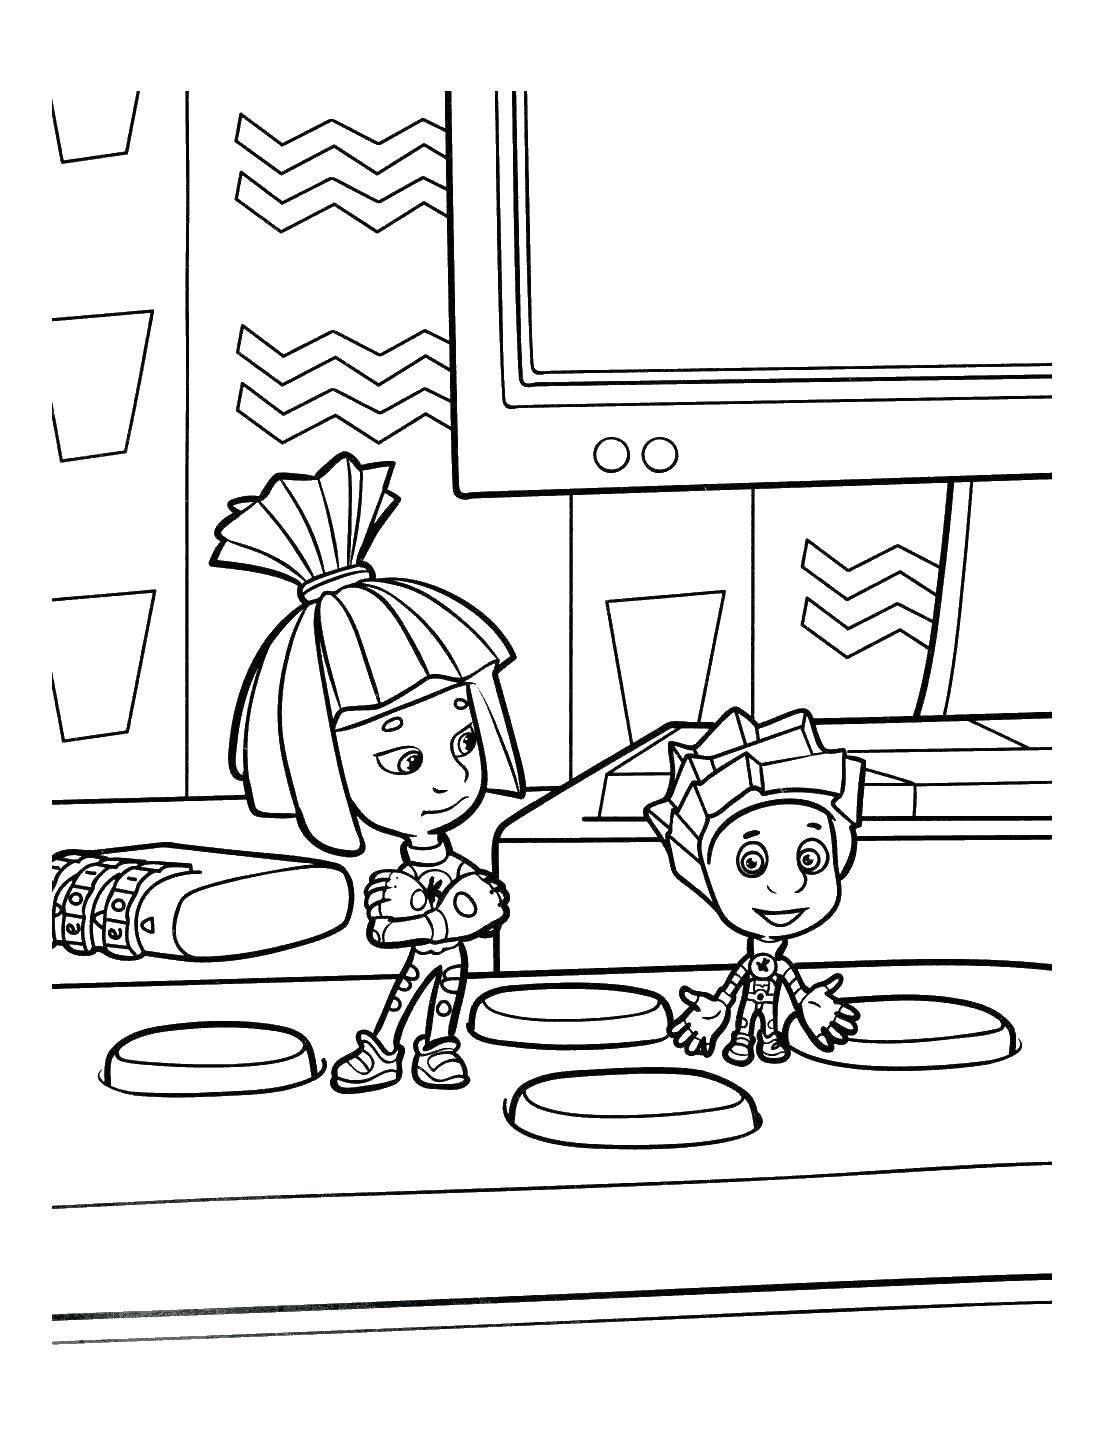 Раскраски Раскраска Барби и кен барби, Раскраски на праздники.